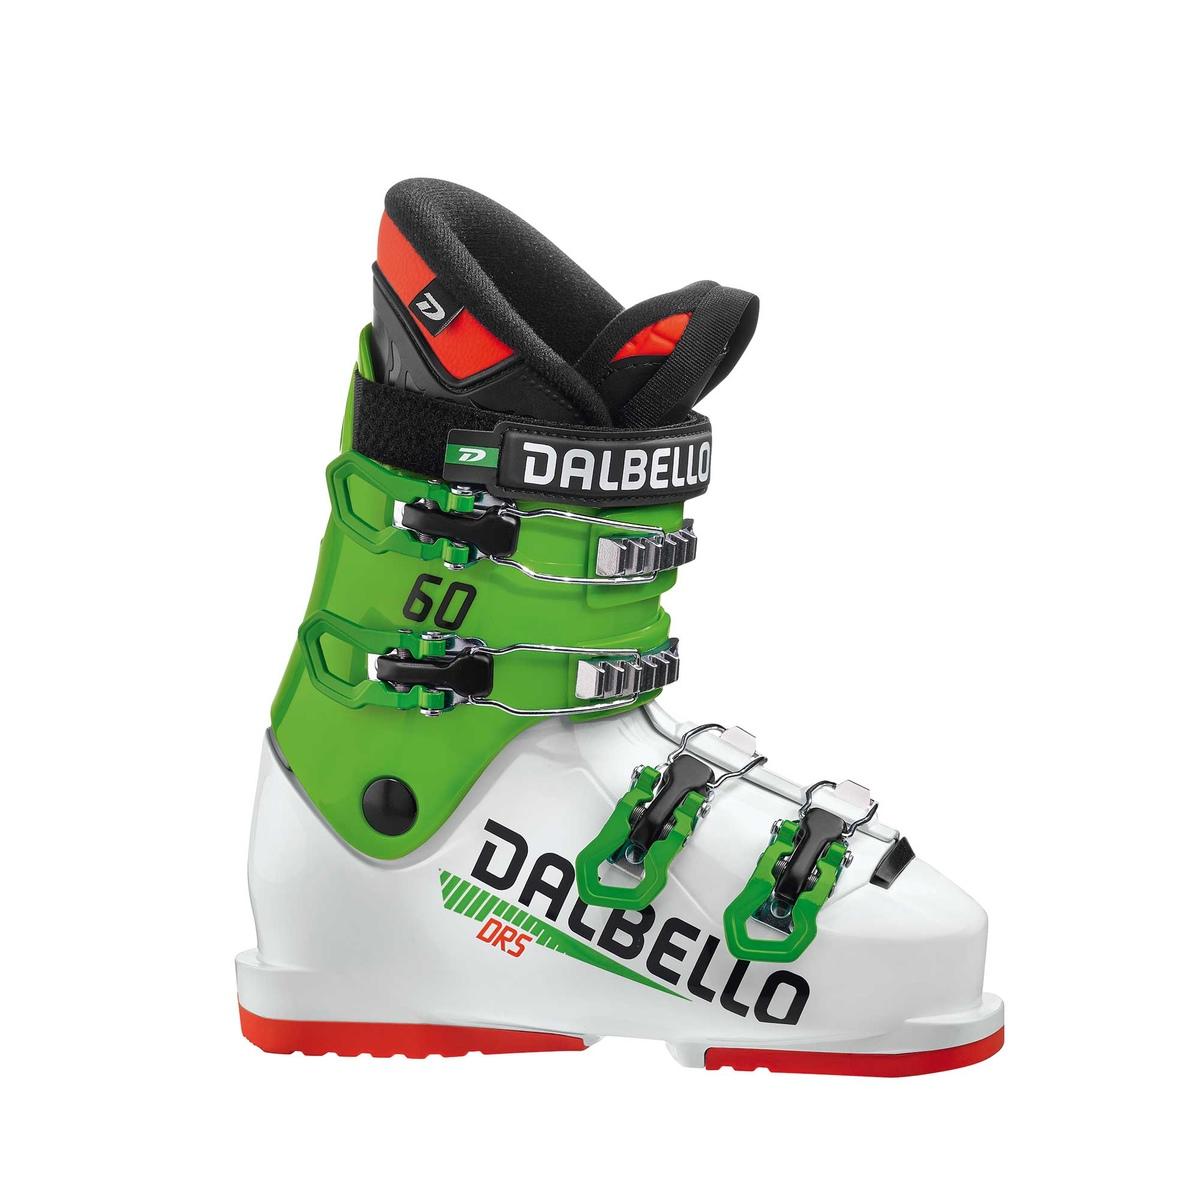 Prezzi Dalbello drs 60 bambino